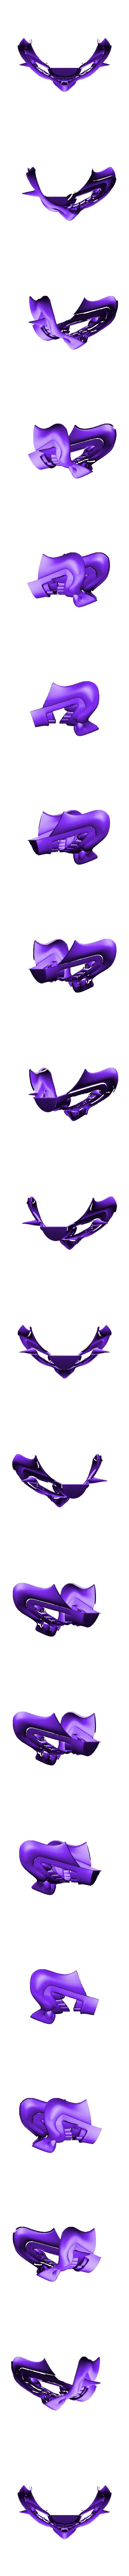 HalfMask.stl Download free STL file Blue Spirit Mempo • 3D printer model, aandw92